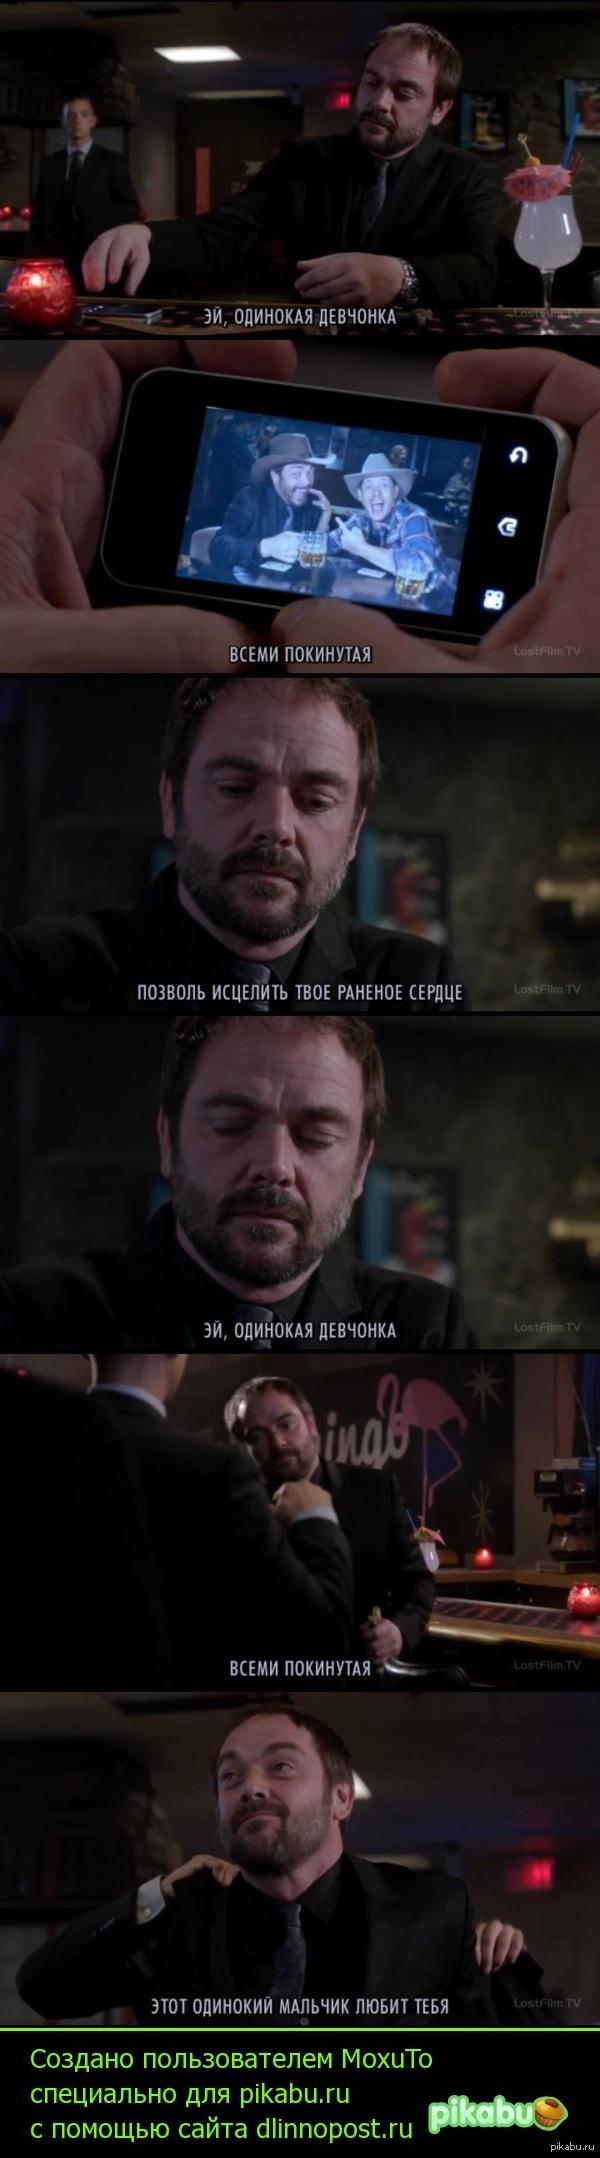 Песня на фоне в тему =D Титры - это перевод текста песни играющей на этом моменте 2-ой серии 8-го сезона Сверхъестественного.